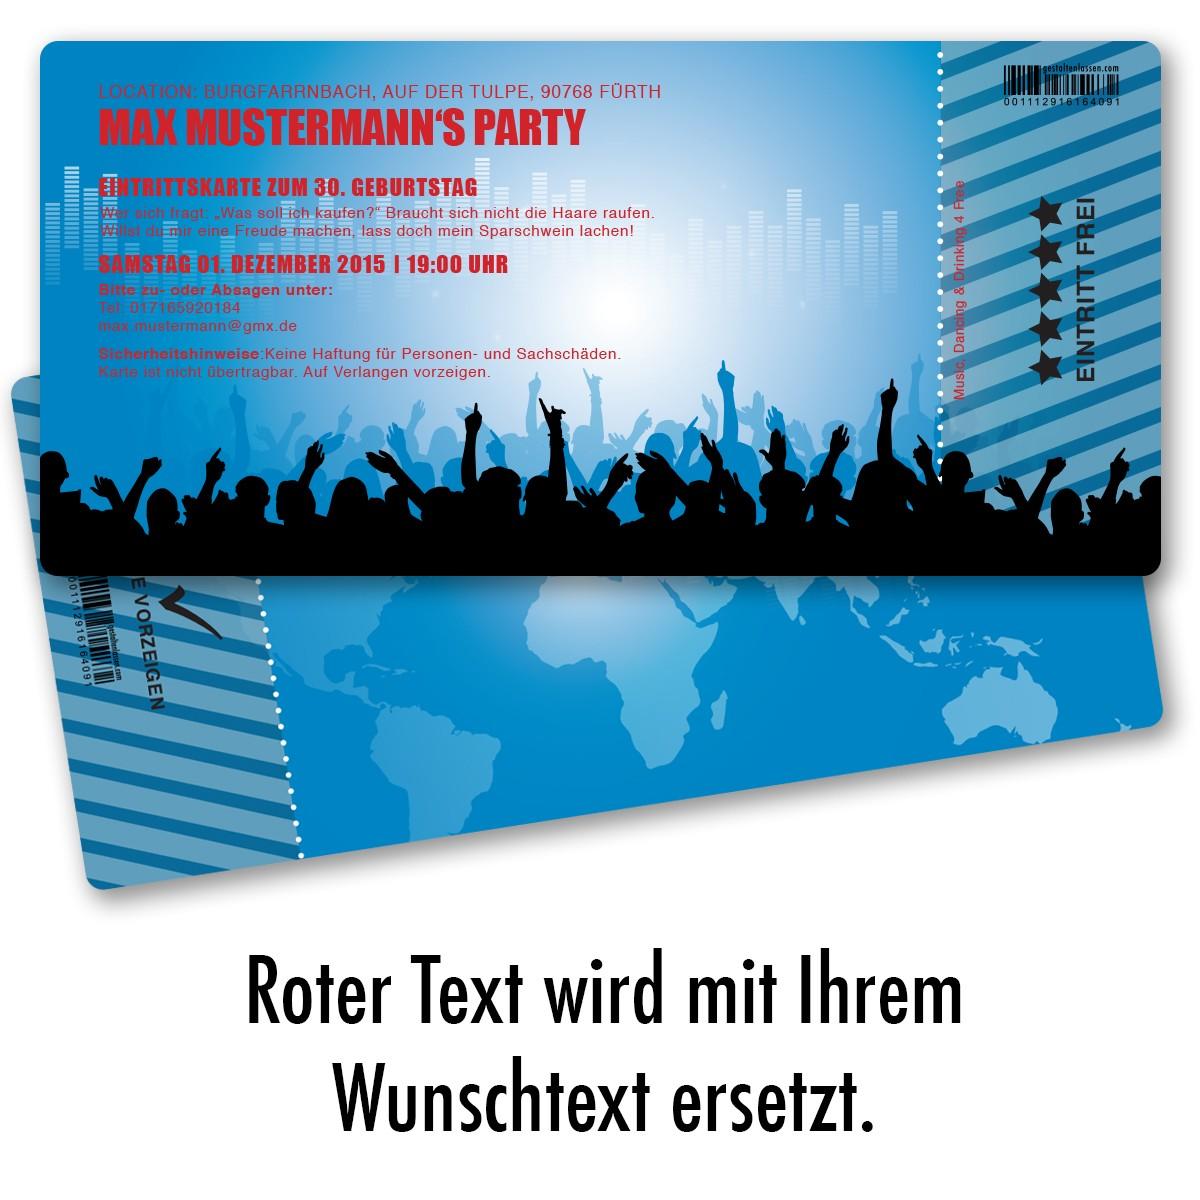 einladungskarten als eintrittskarte in blau ab 55 cent / einladung, Einladung